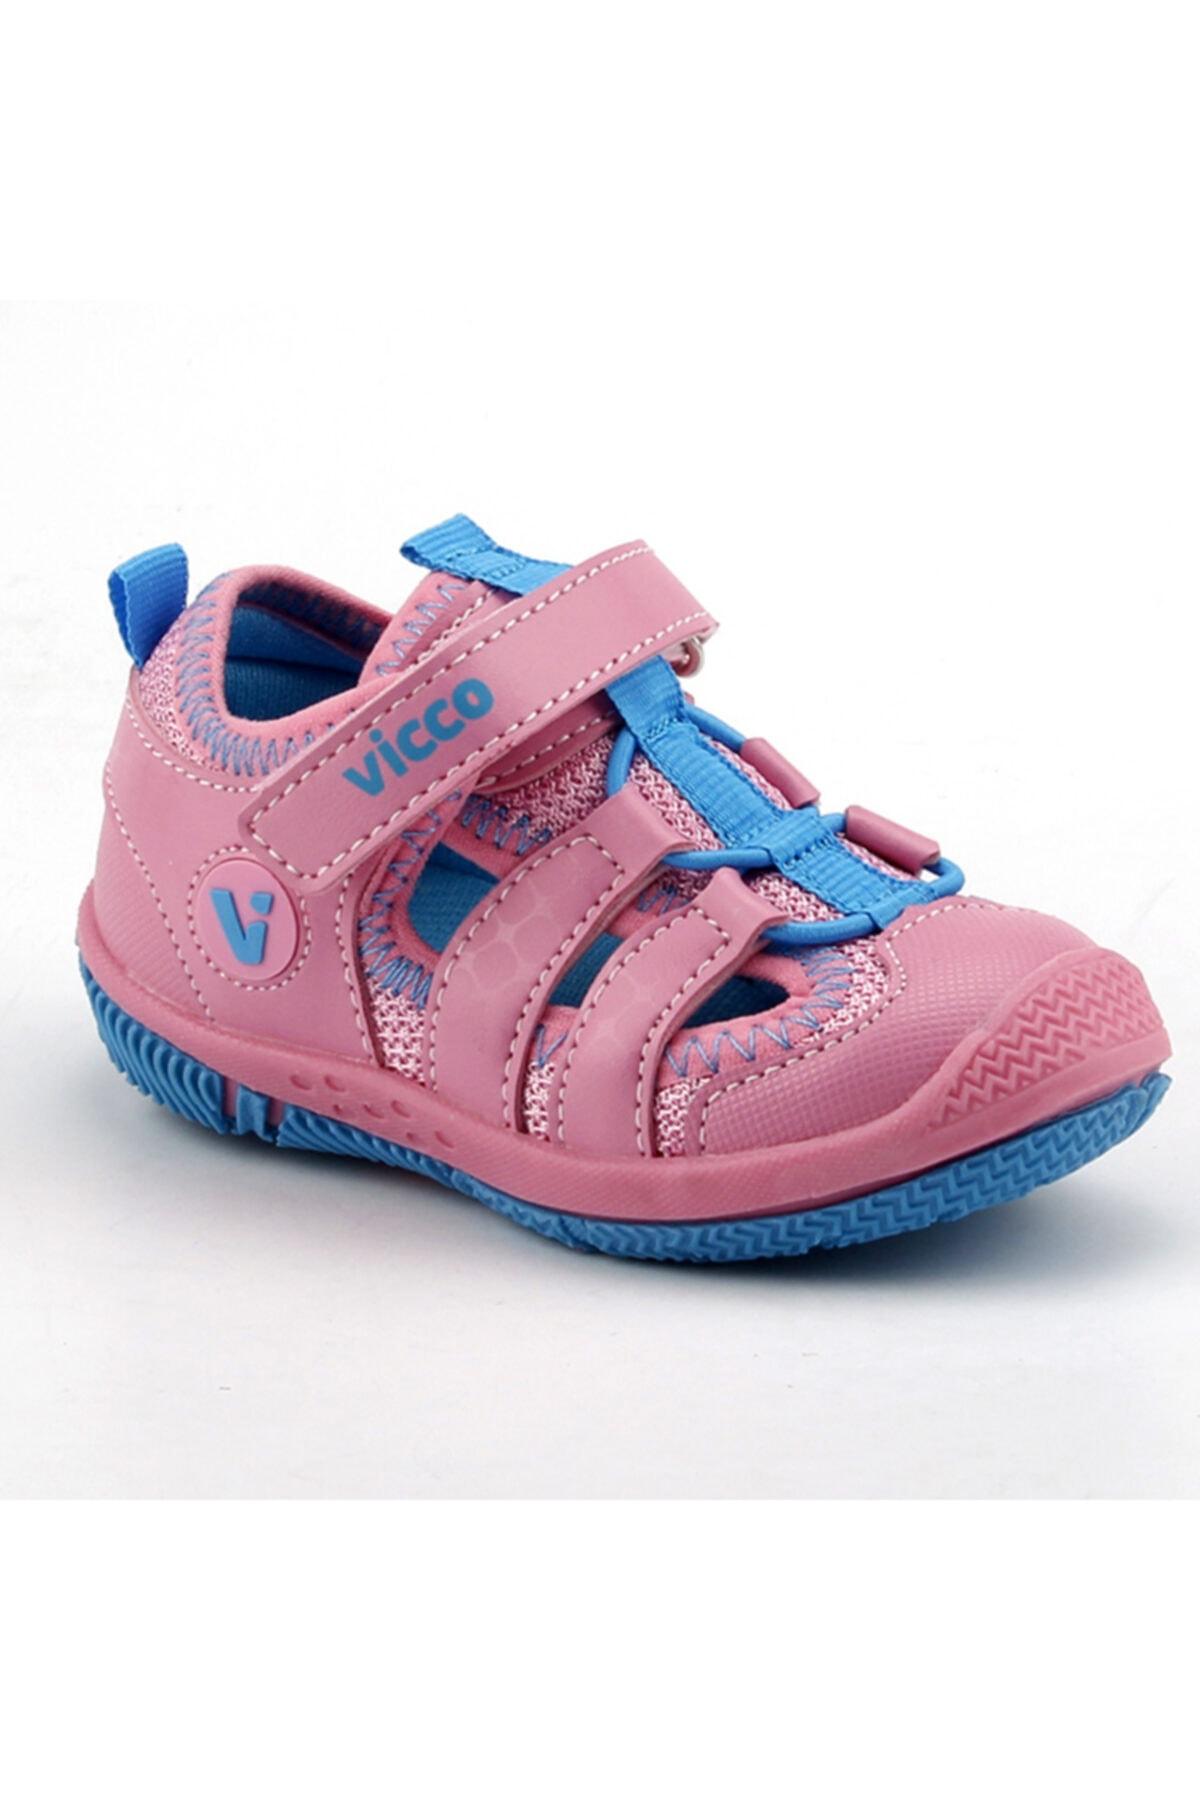 Kız Çocuk  Sunny Pembe Günlük Ortopedik Spor Sandalet Terlik 332.z.300